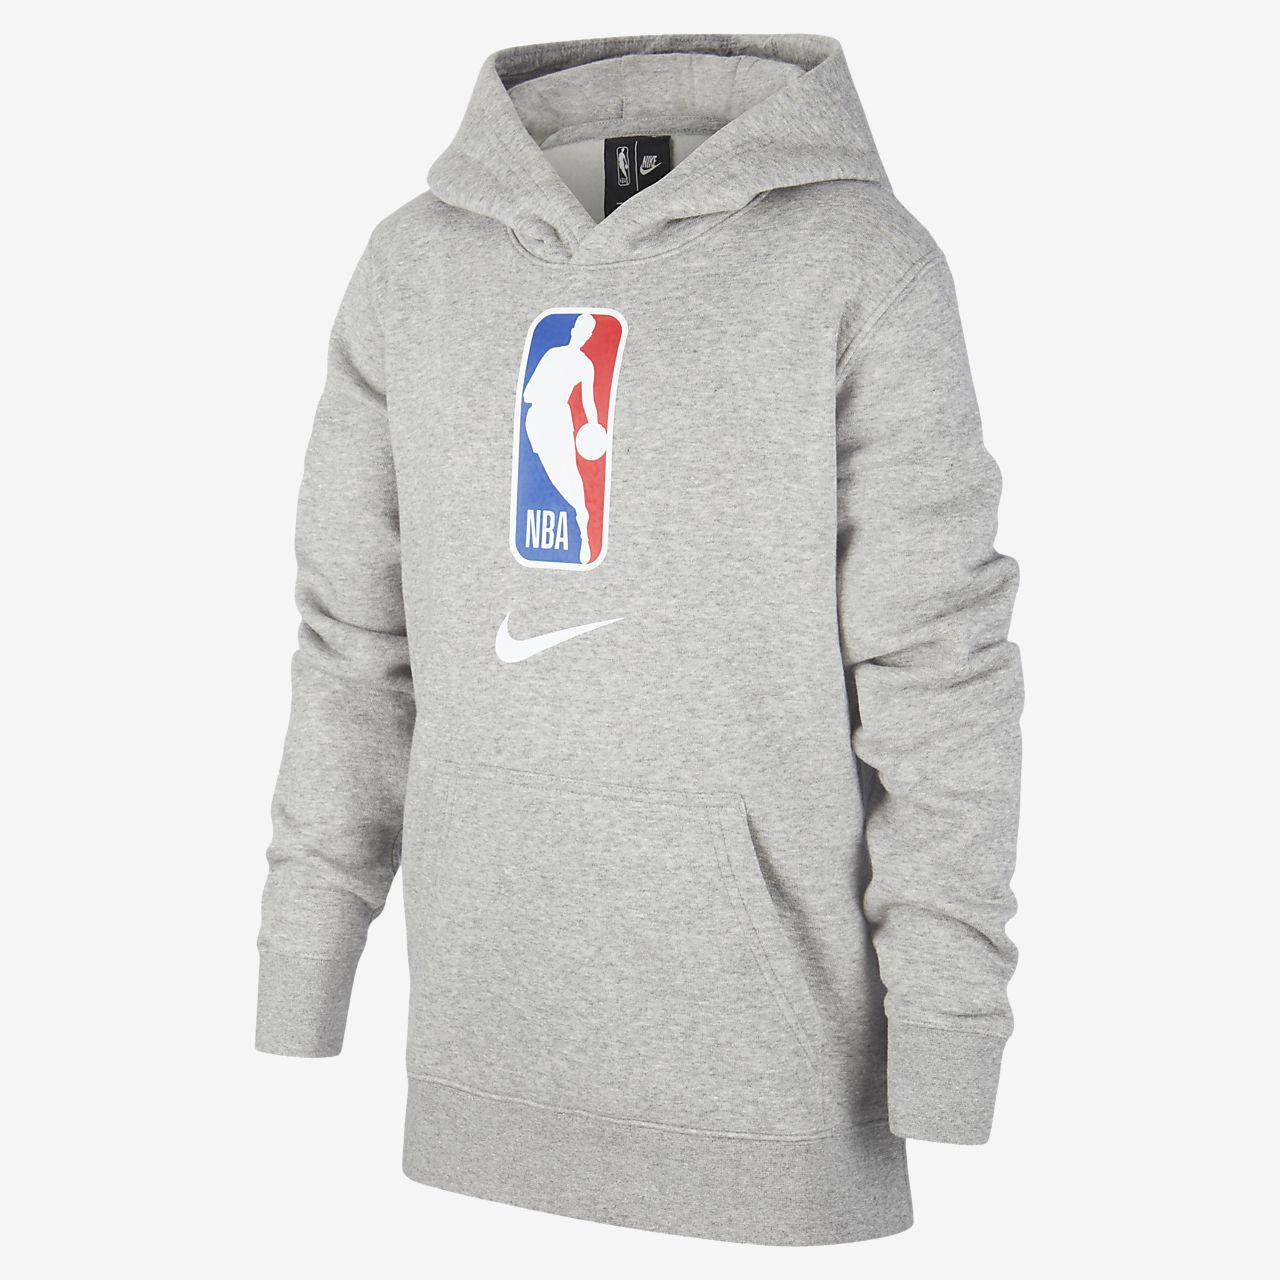 Team 31 Nike NBA-s kapucnis pulóver nagyobb gyerekeknek